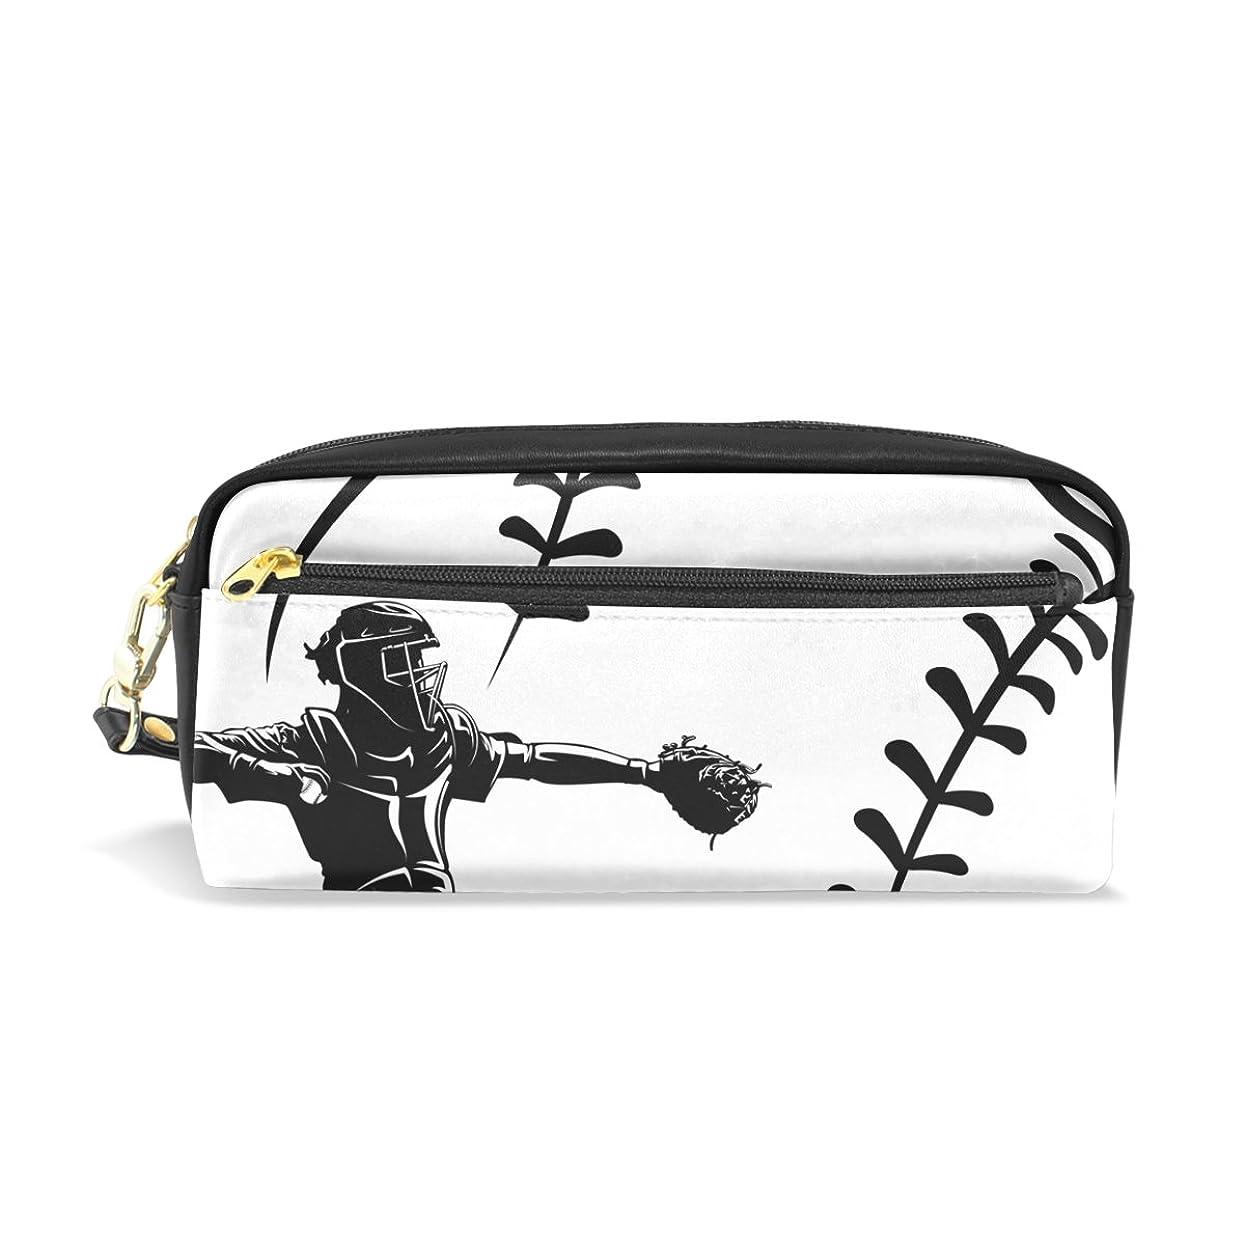 ゴール禁止するAOMOKI ペンケース 化粧ポーチ 小物入り 多機能 レディース 野球